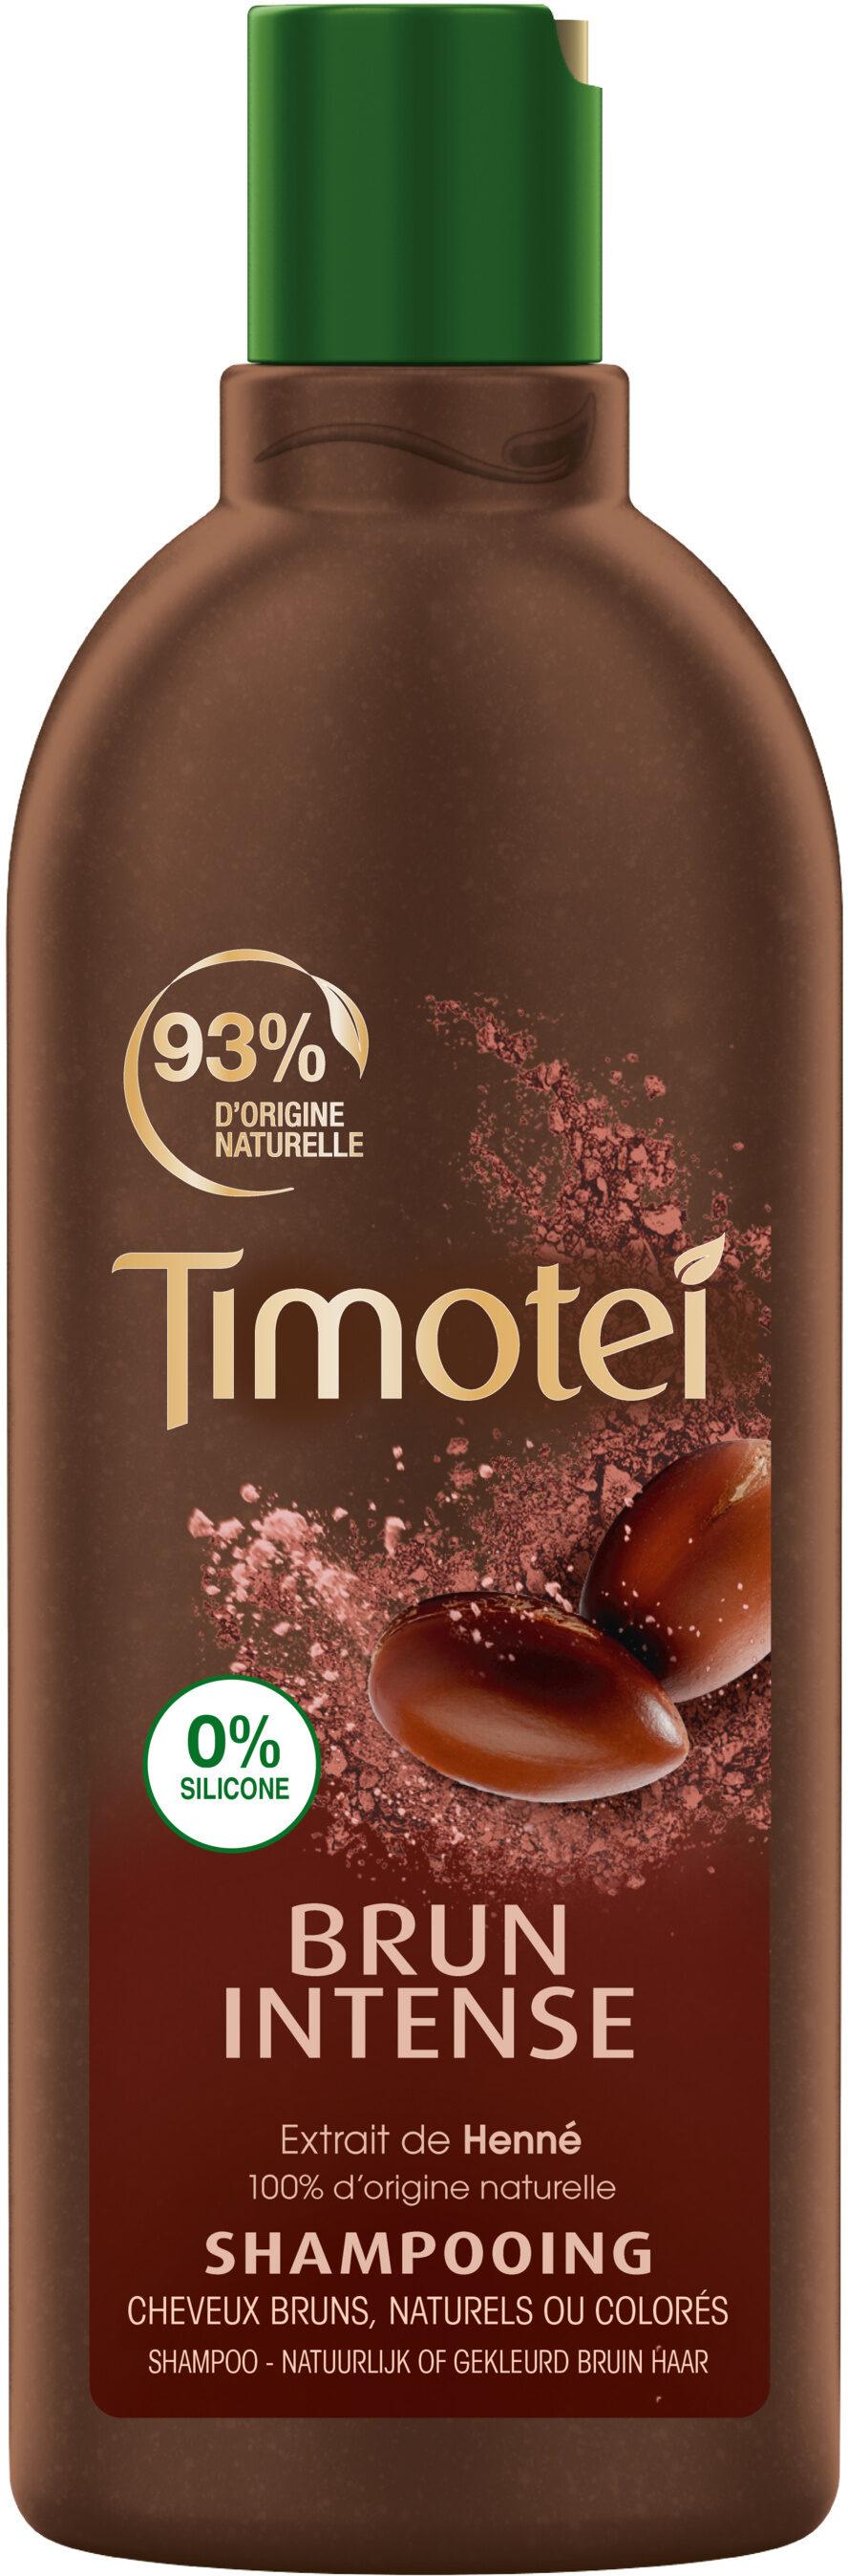 Timotei Brun Intense Shampoing Extrait de Henné Cheveux Bruns - Product - fr